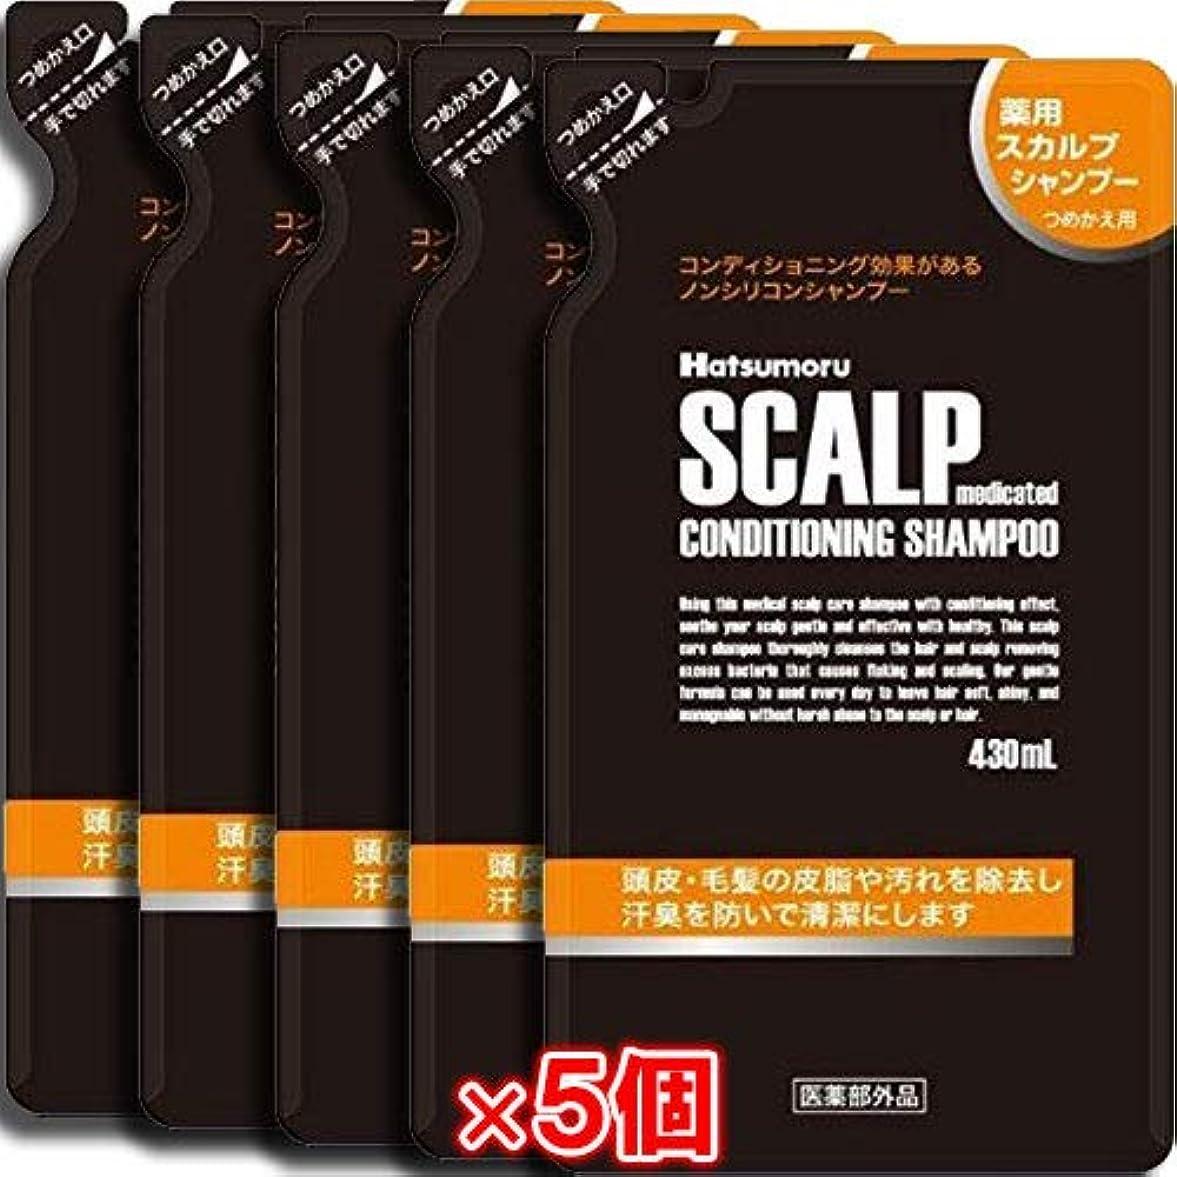 【5個セット】ハツモール 薬用スカルプシャンプー 詰替用 430mL